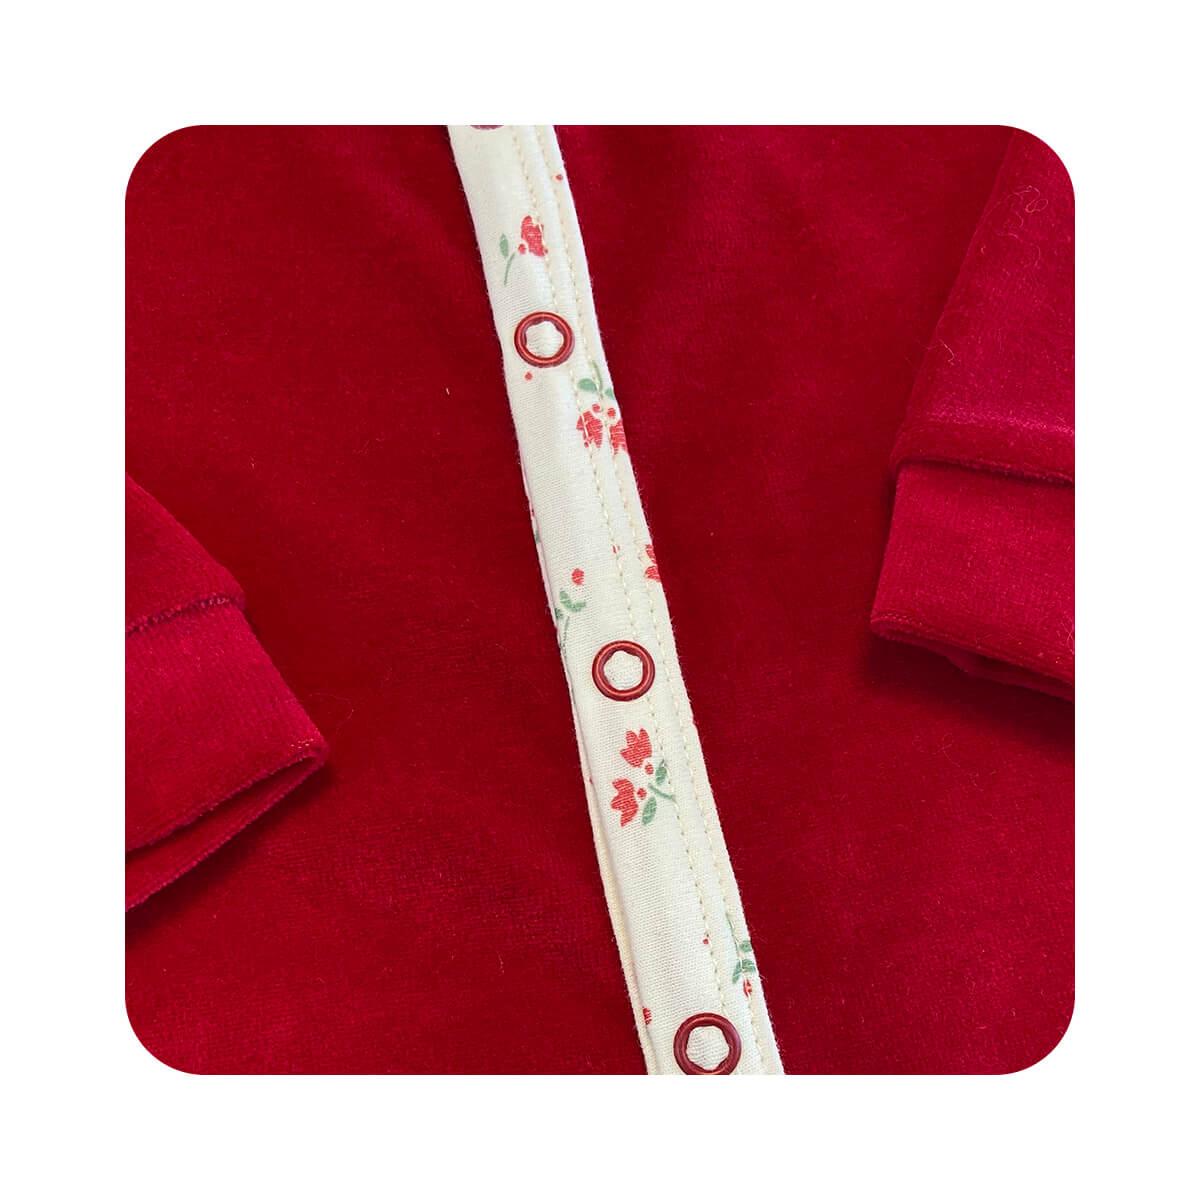 Macacão Plush Vermelho - Todos os tamanhos com pezinho  - Piu Blu